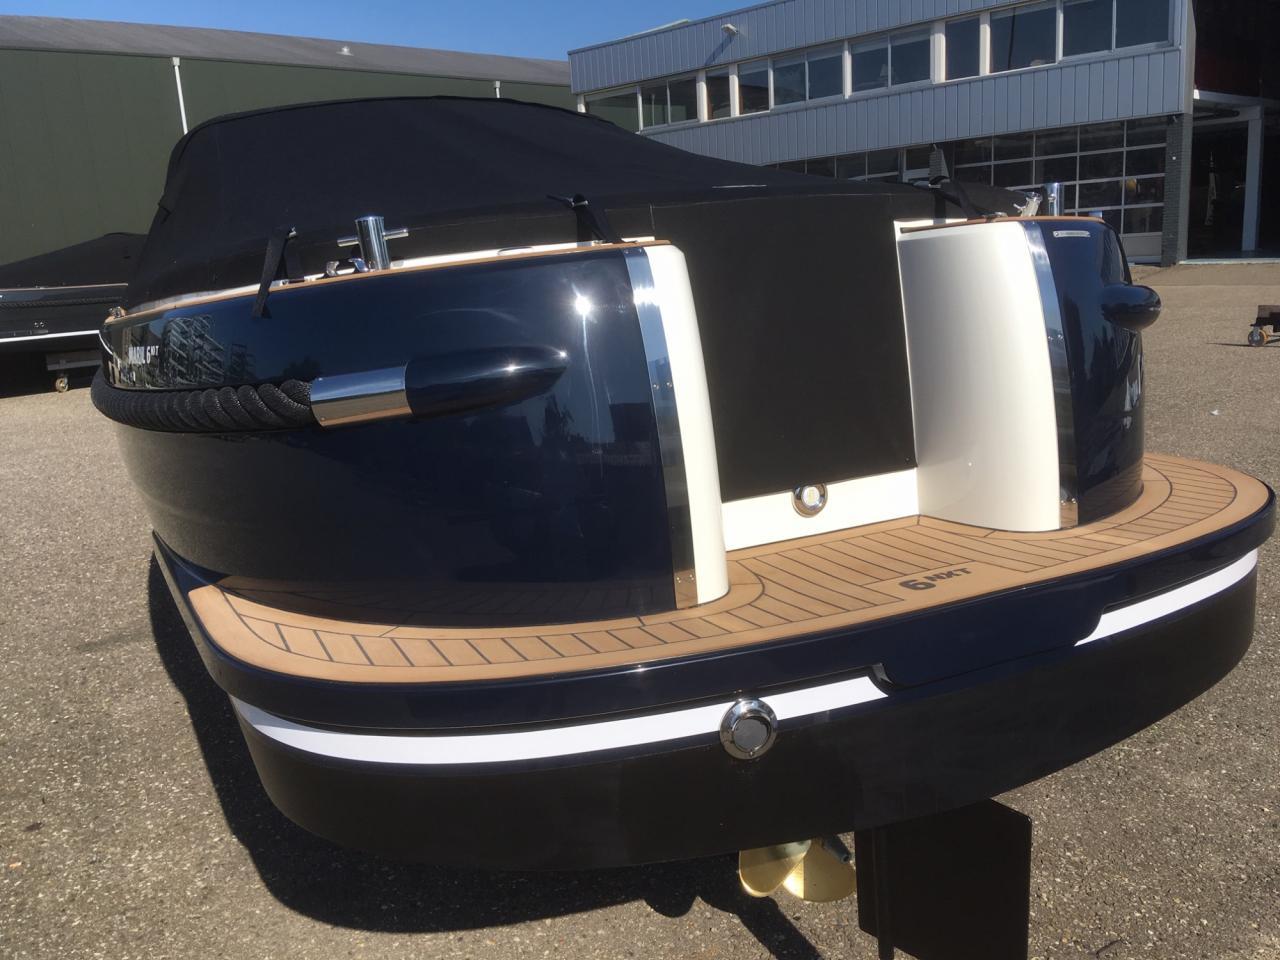 Maril 6NXT donkerblauw met Vetus 52 pk turbo diesel 10